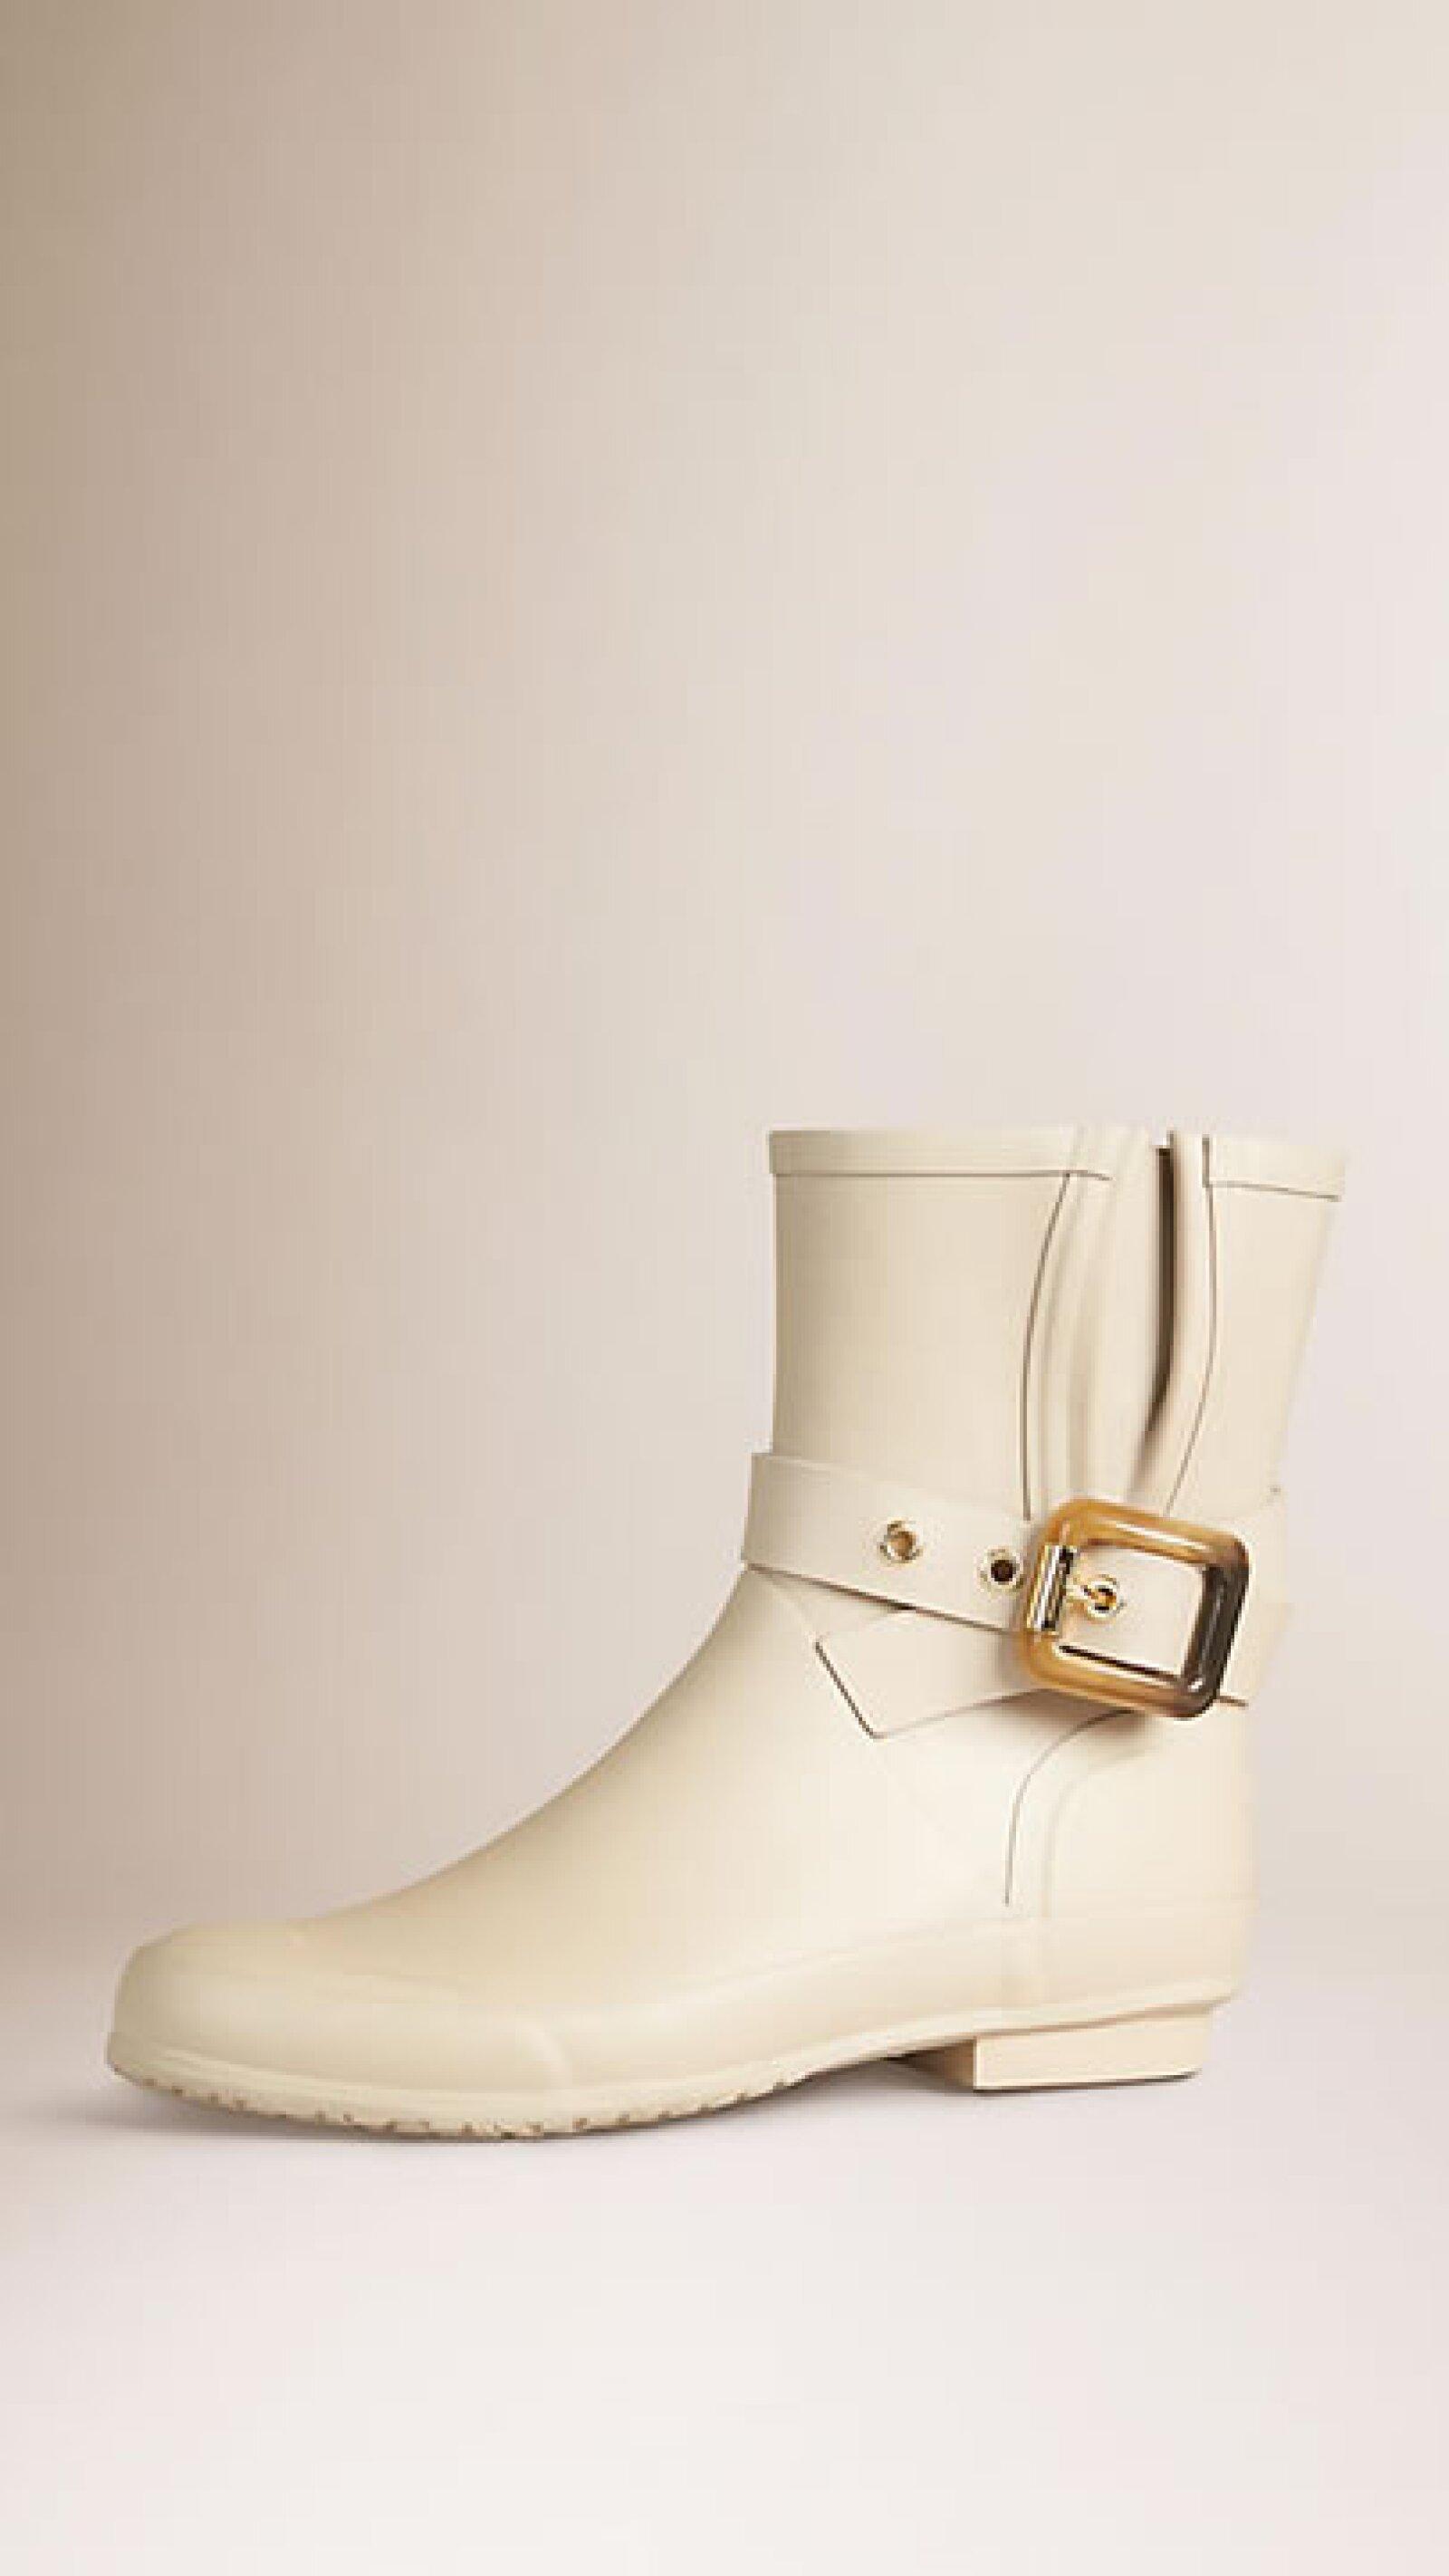 La opción en color hueso de Burberry nos encanta para darle un toque atrevido a tu look. Aún así, la hebilla de otorga el lado clásico a tu outfit.